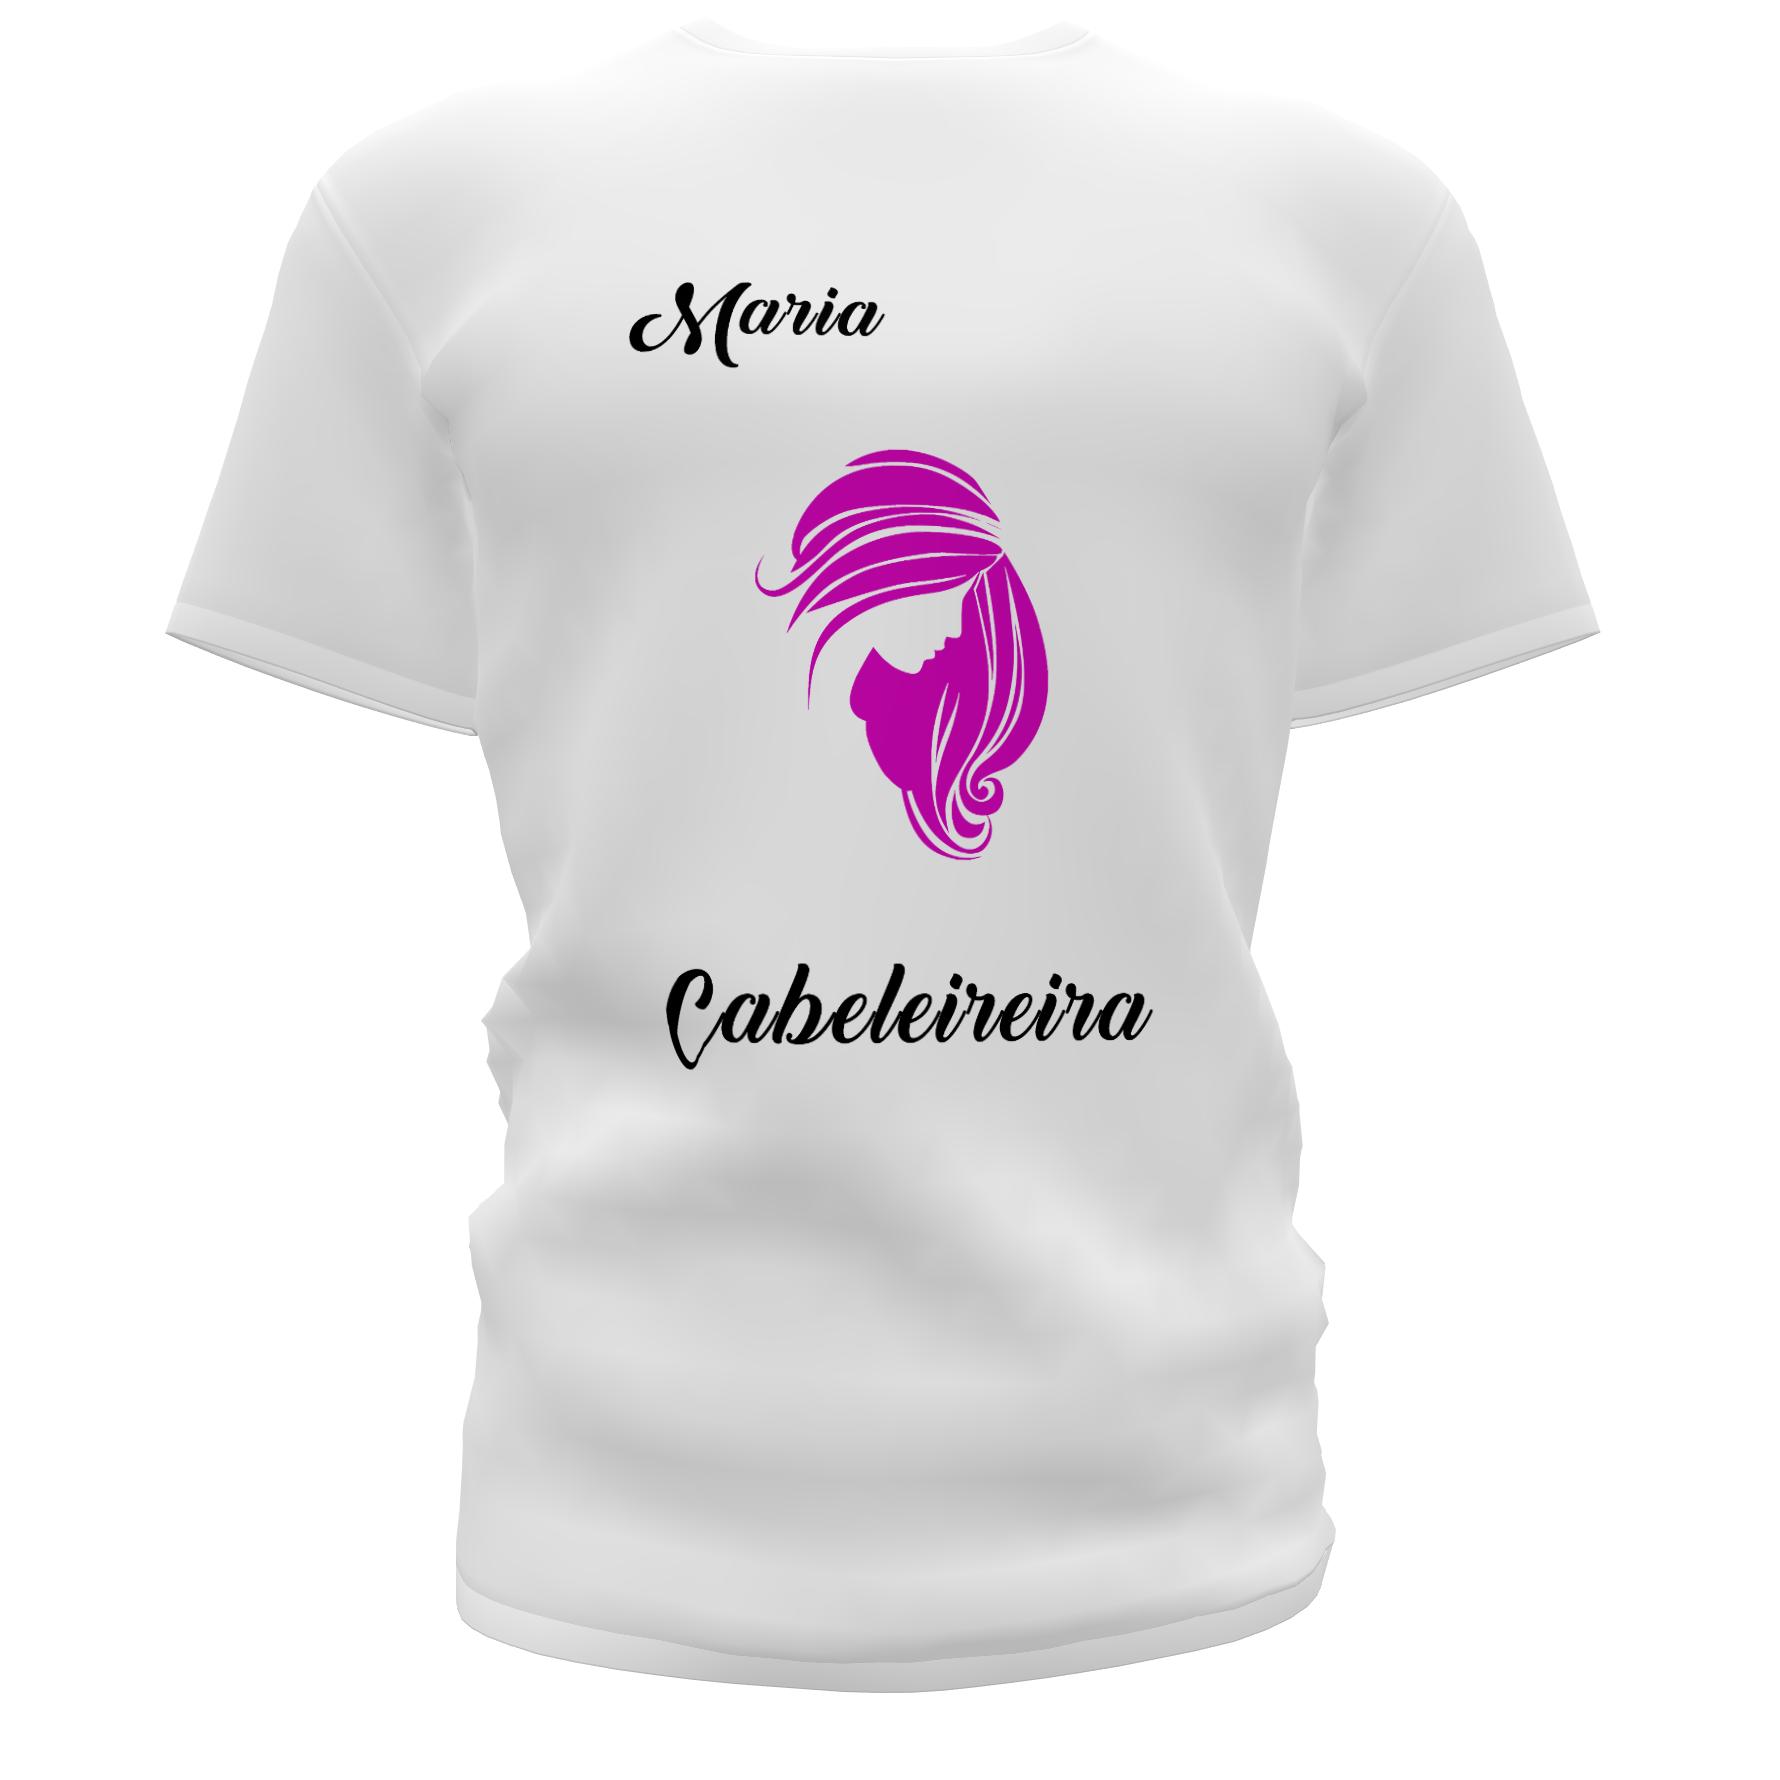 Camisetas Personalizadas para Salão de Beleza